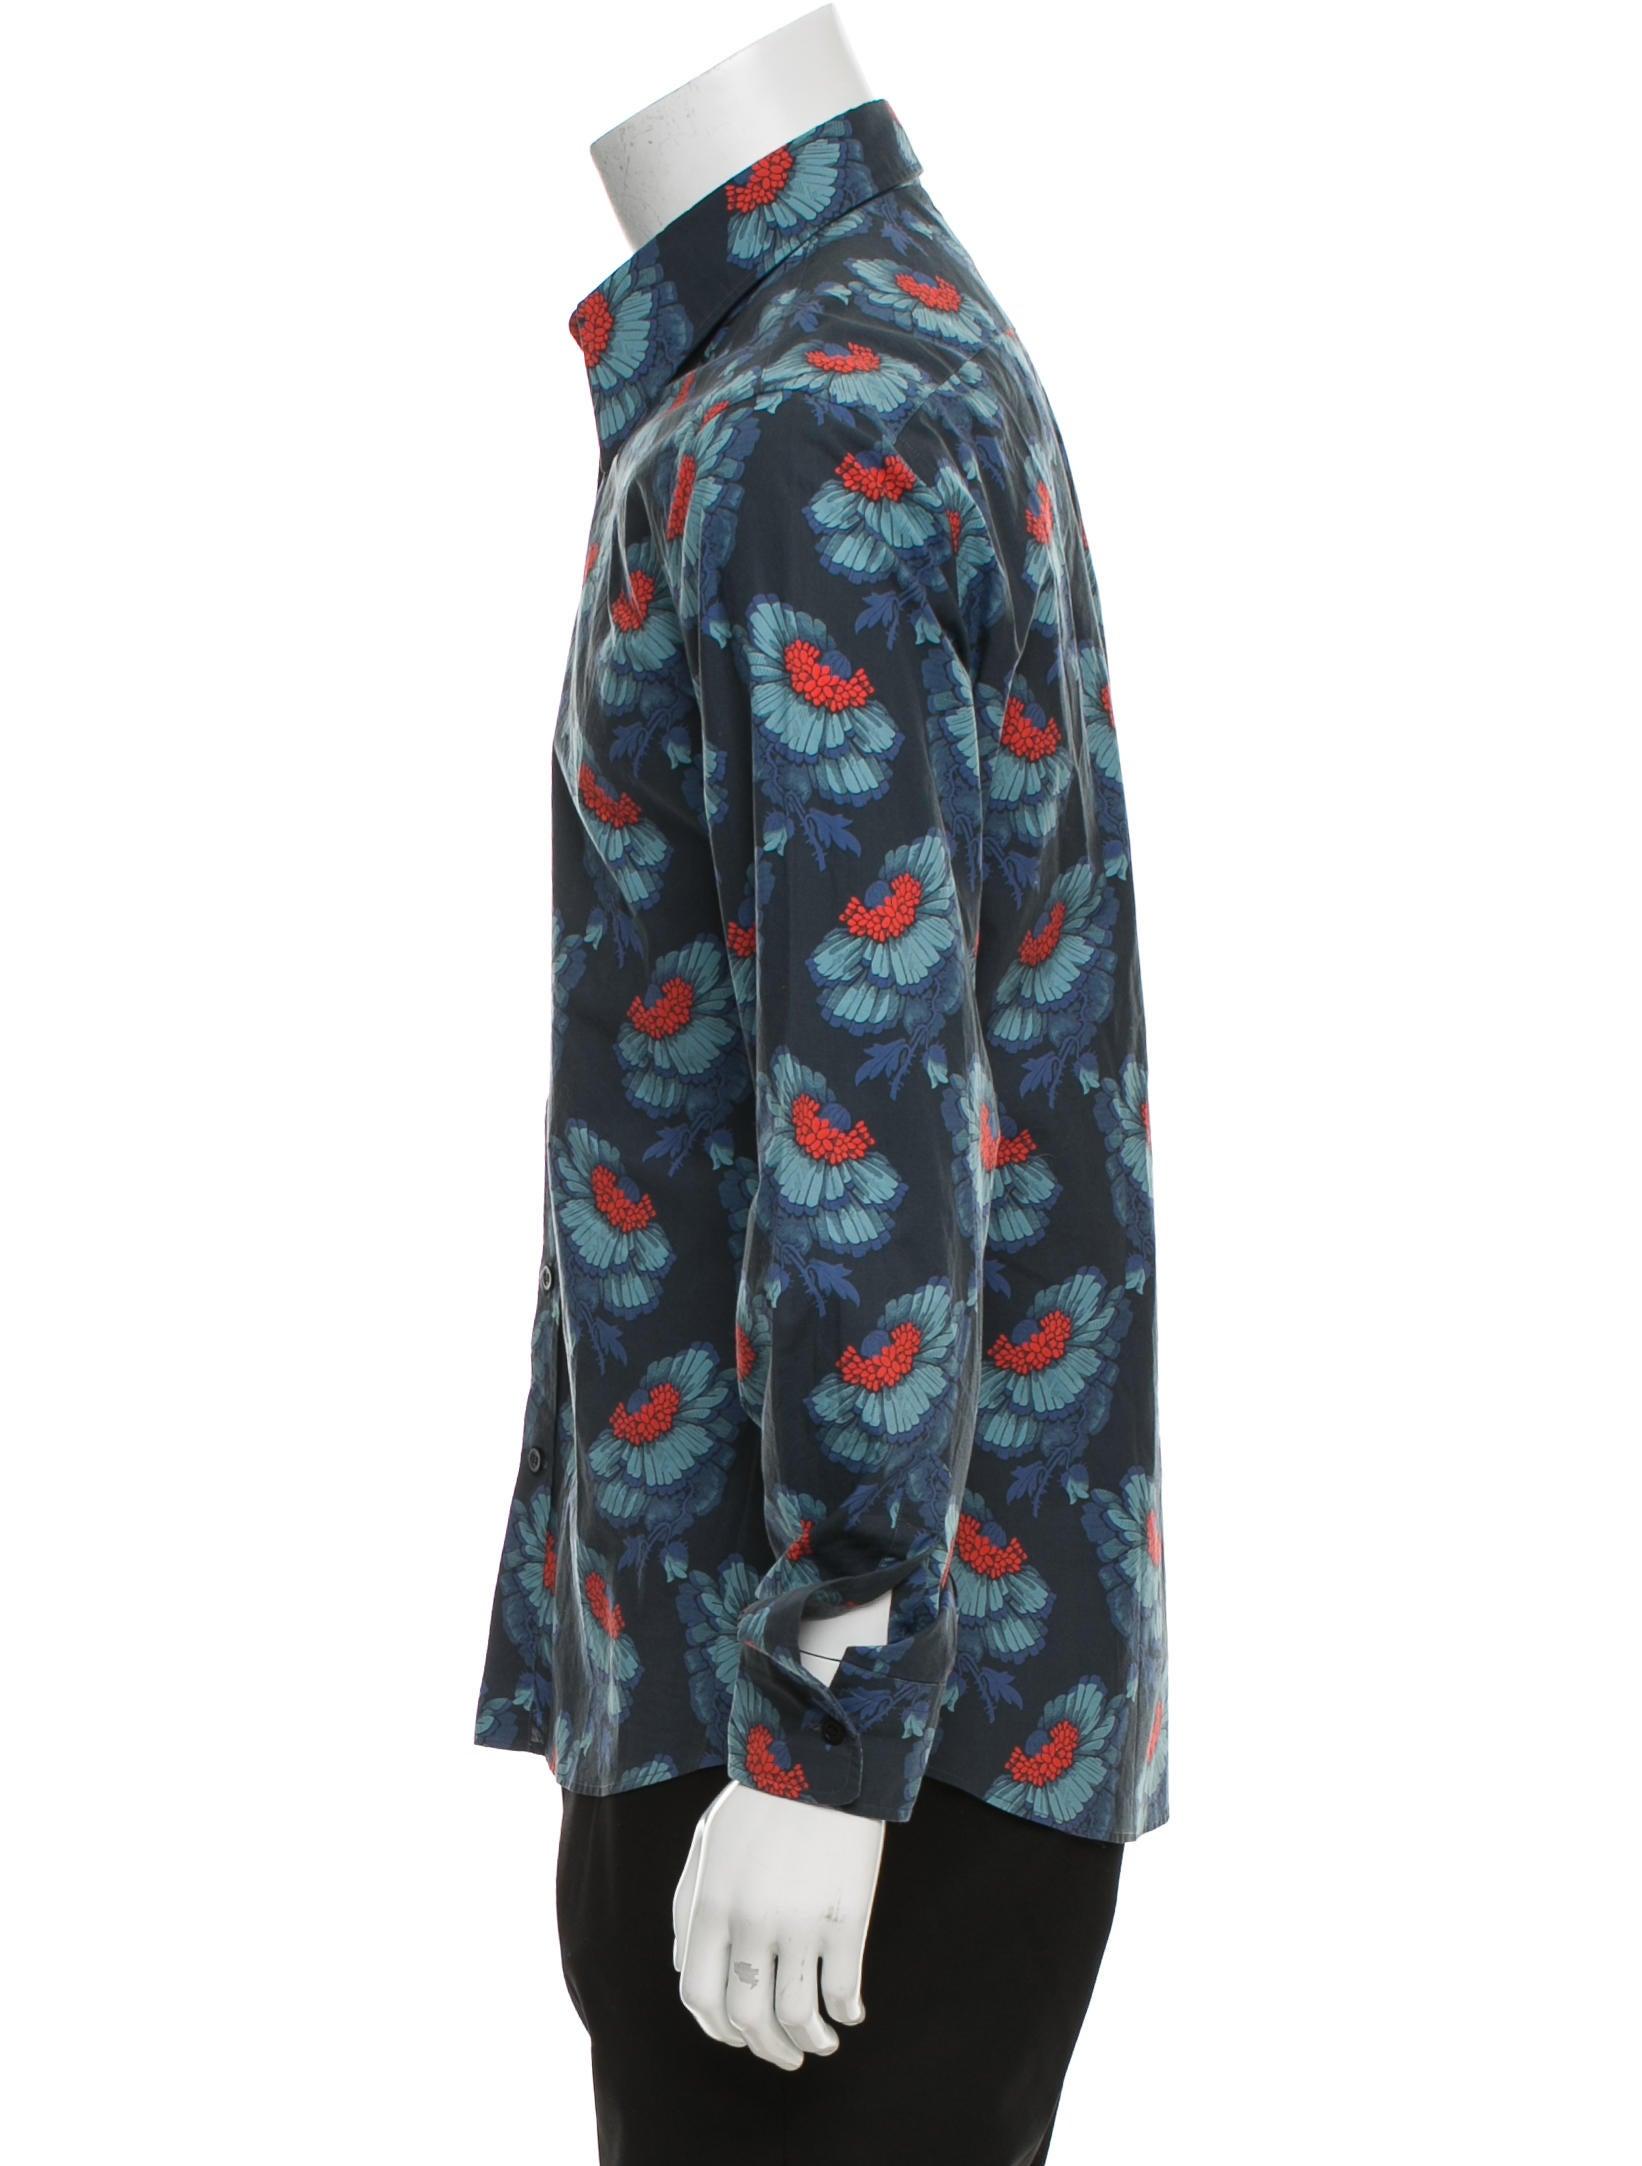 Alexander mcqueen floral print button up shirt clothing for Floral print button up shirt